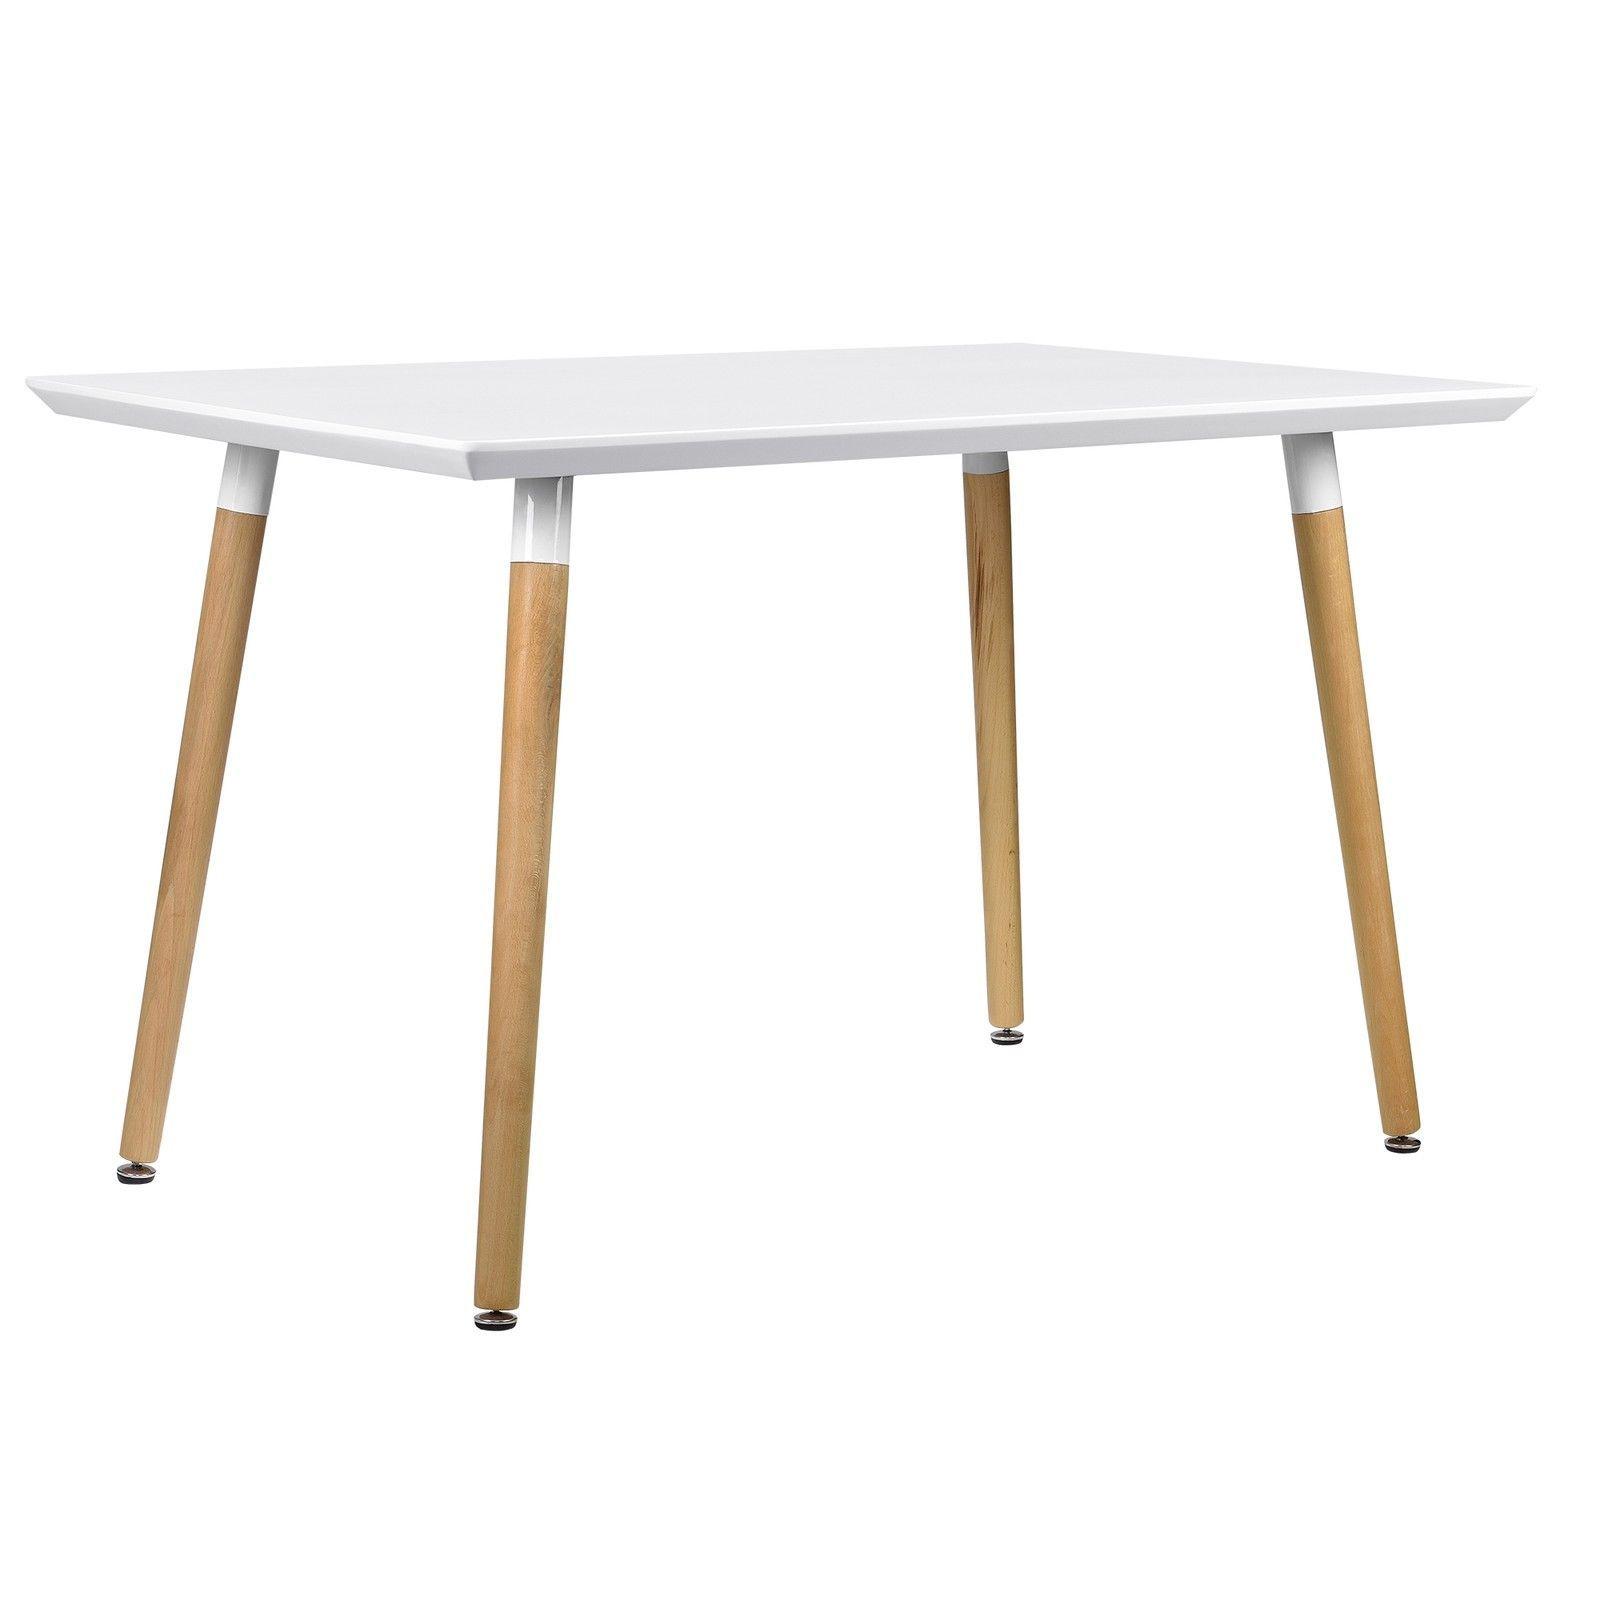 En.casa]® Esstisch 120x80cm Weiß Matt Eiche Küchentisch Esszimmer Tisch  Retro, In